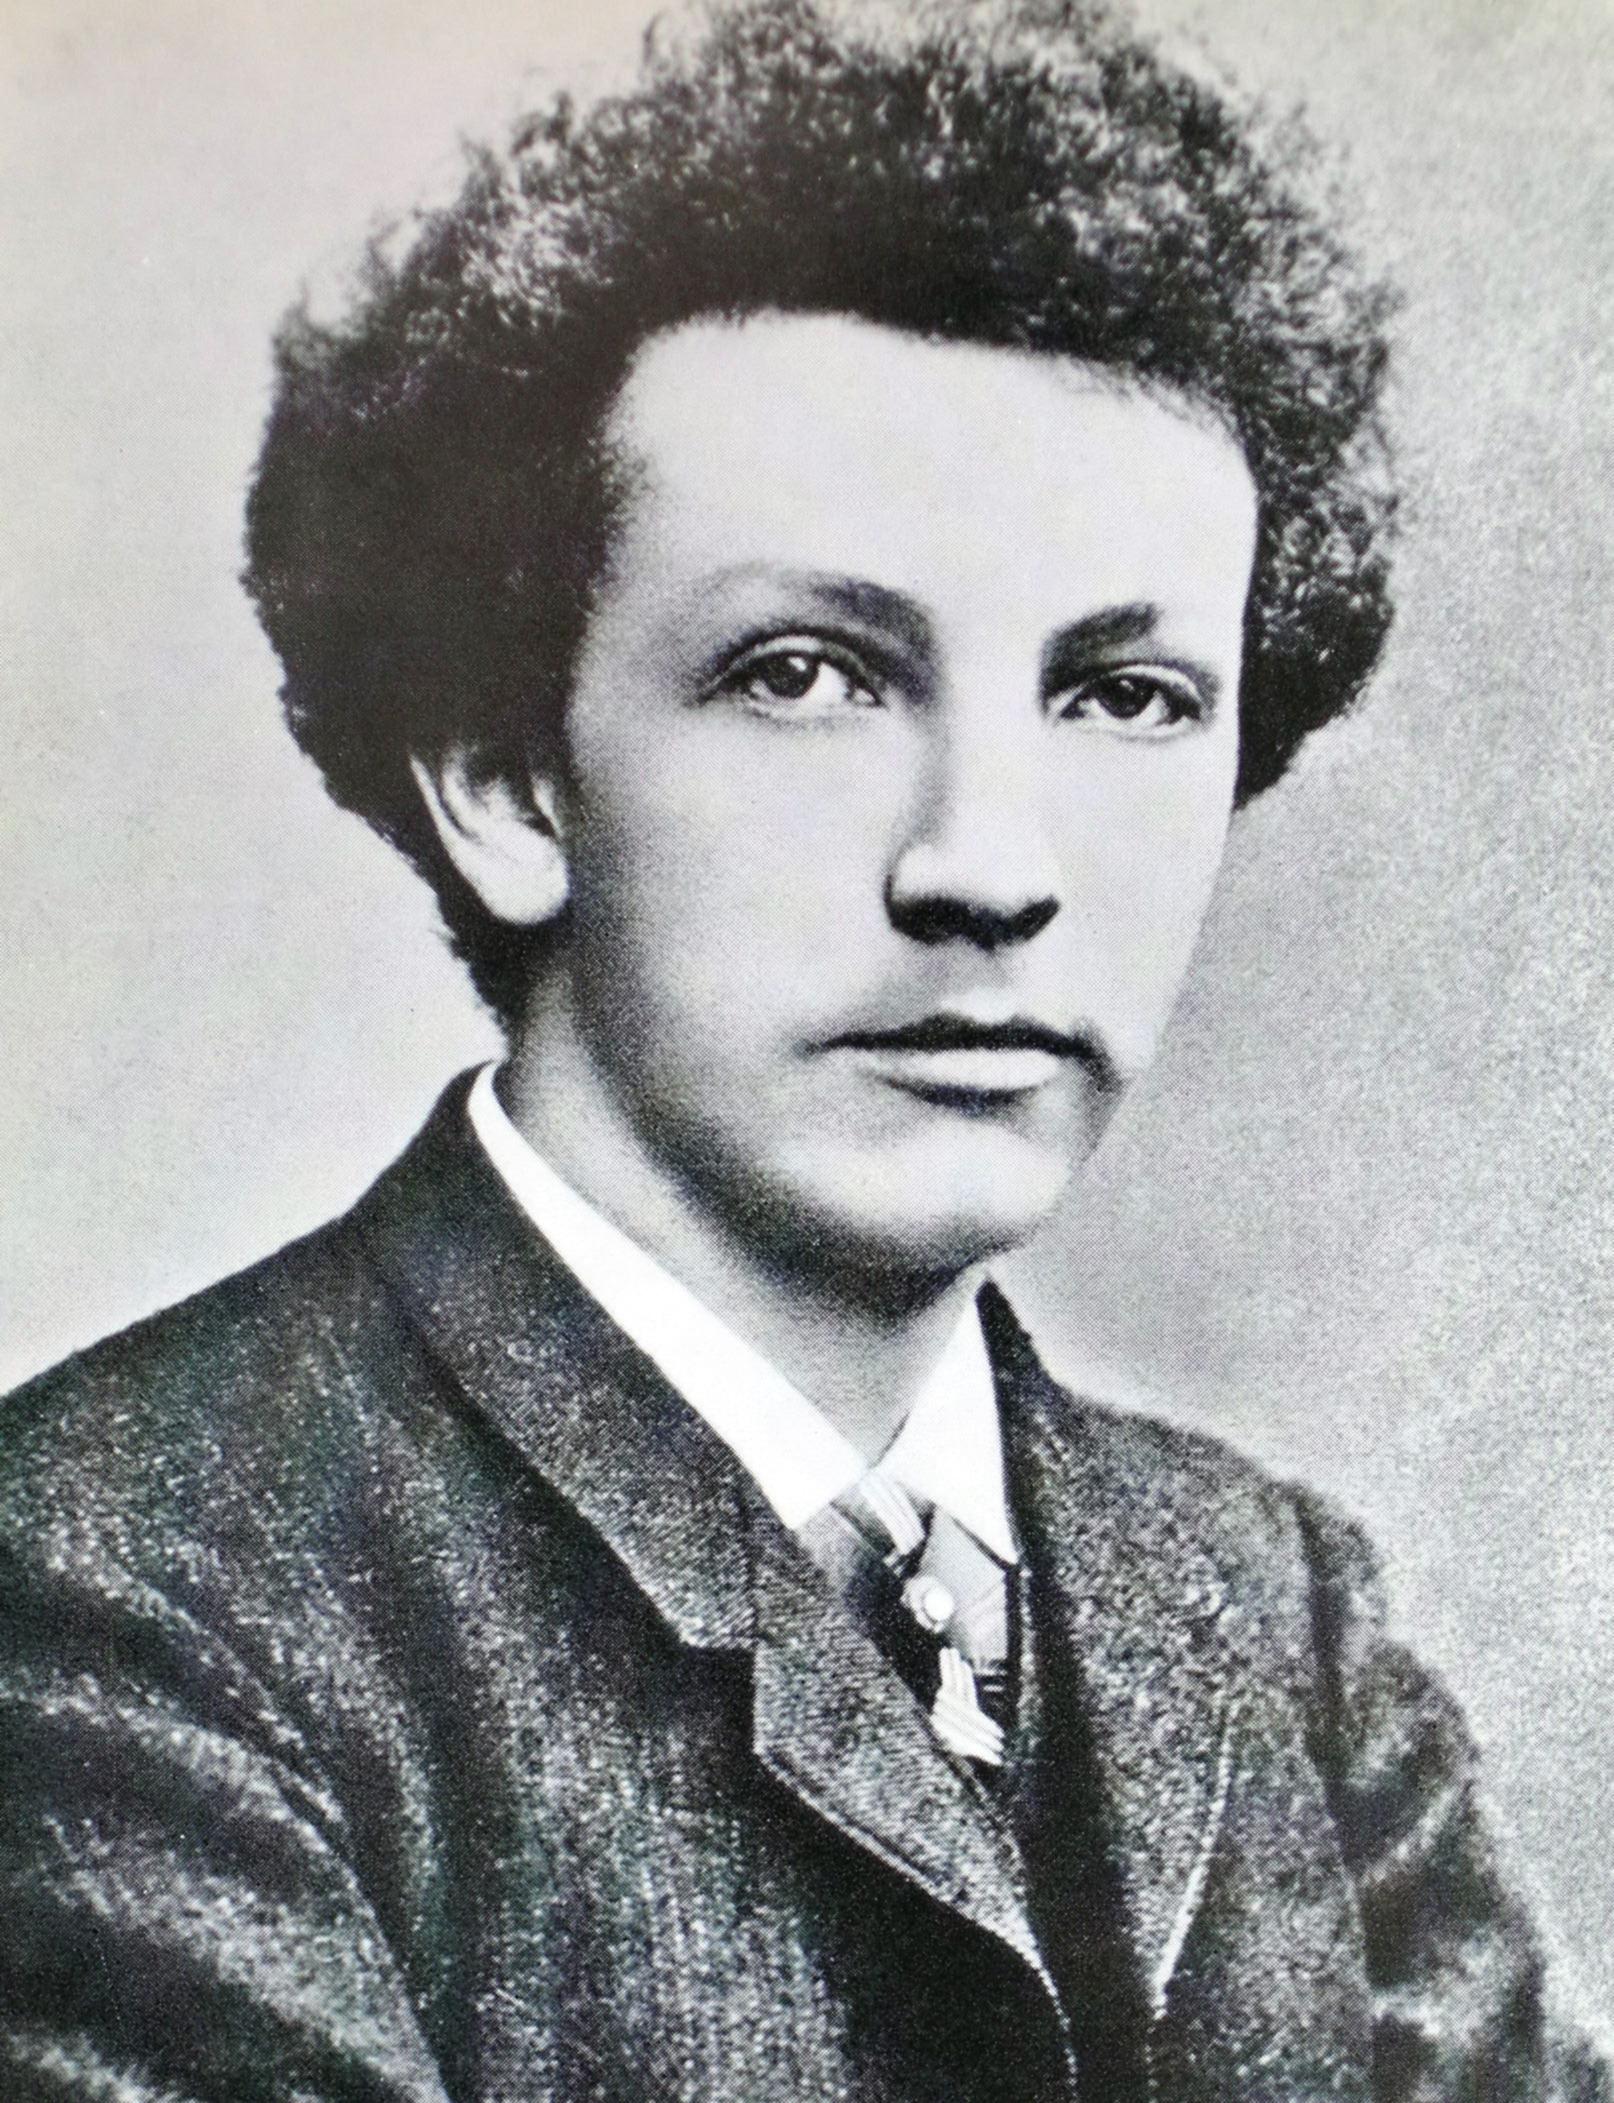 Le jeune Richard STRAUSS en 1888, cliquer pour une vue agrandie